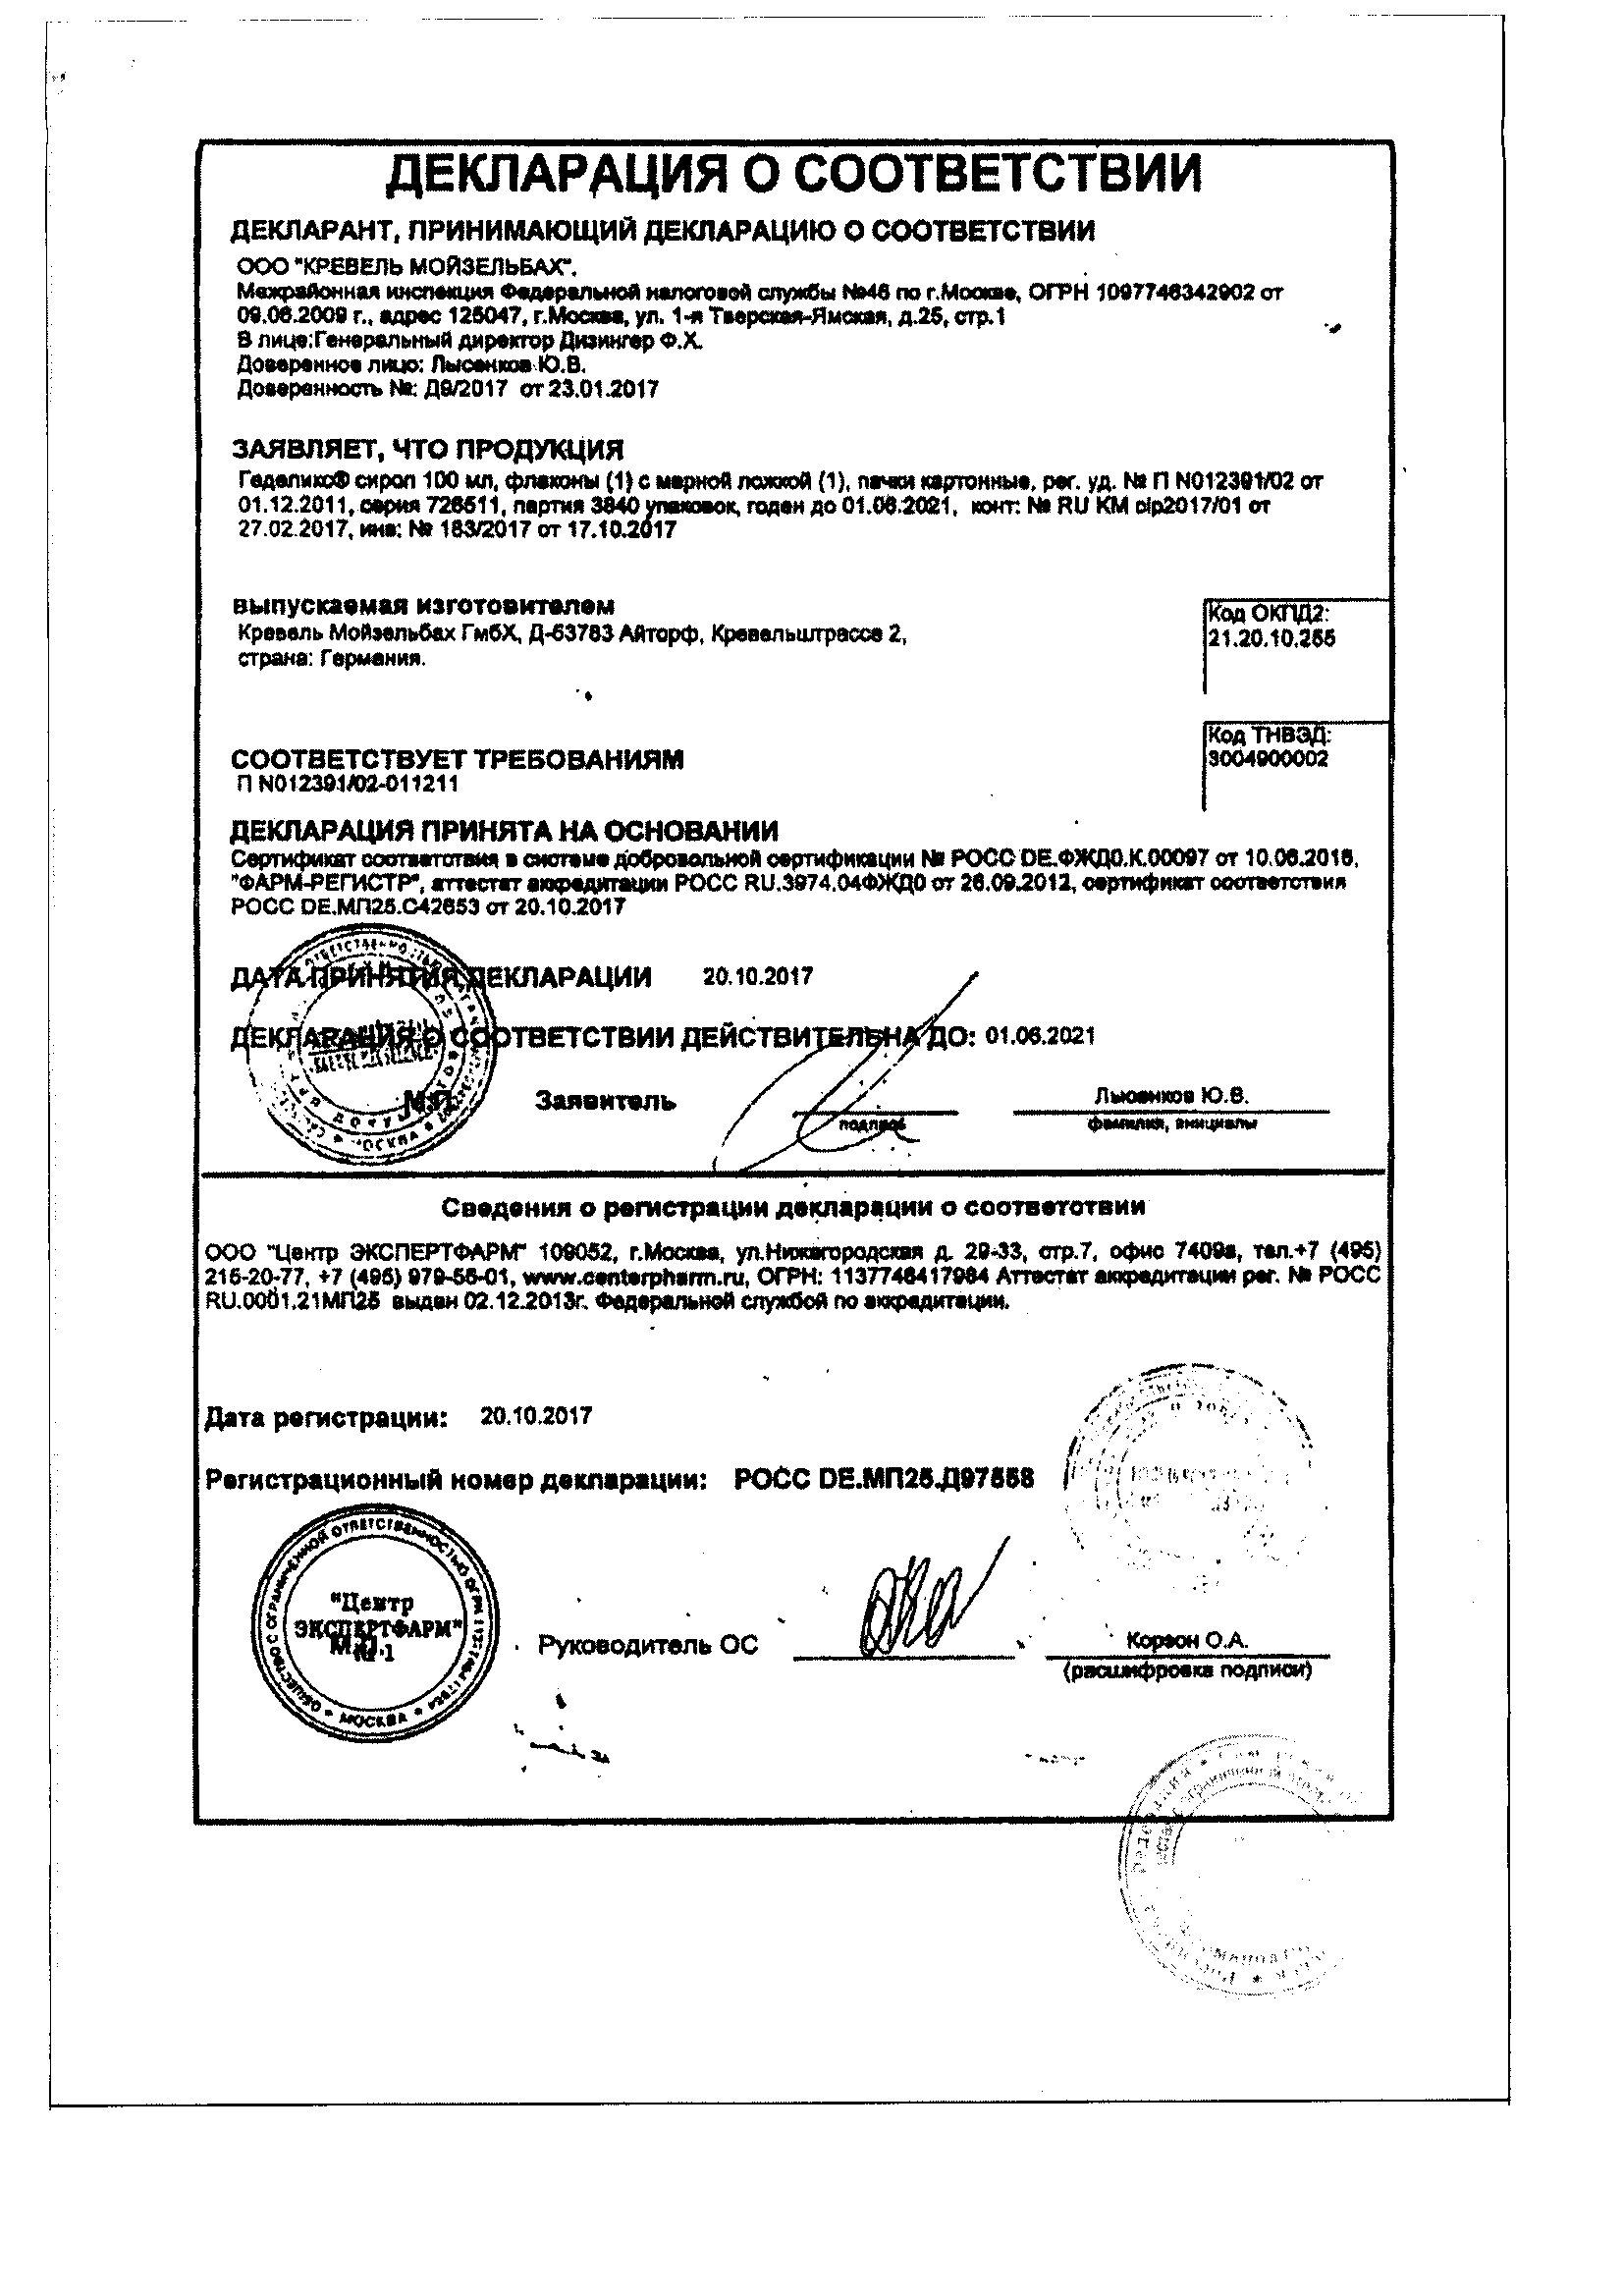 Сироп геделикс: инструкция по применению, аналоги и отзывы, цены в аптеках россии